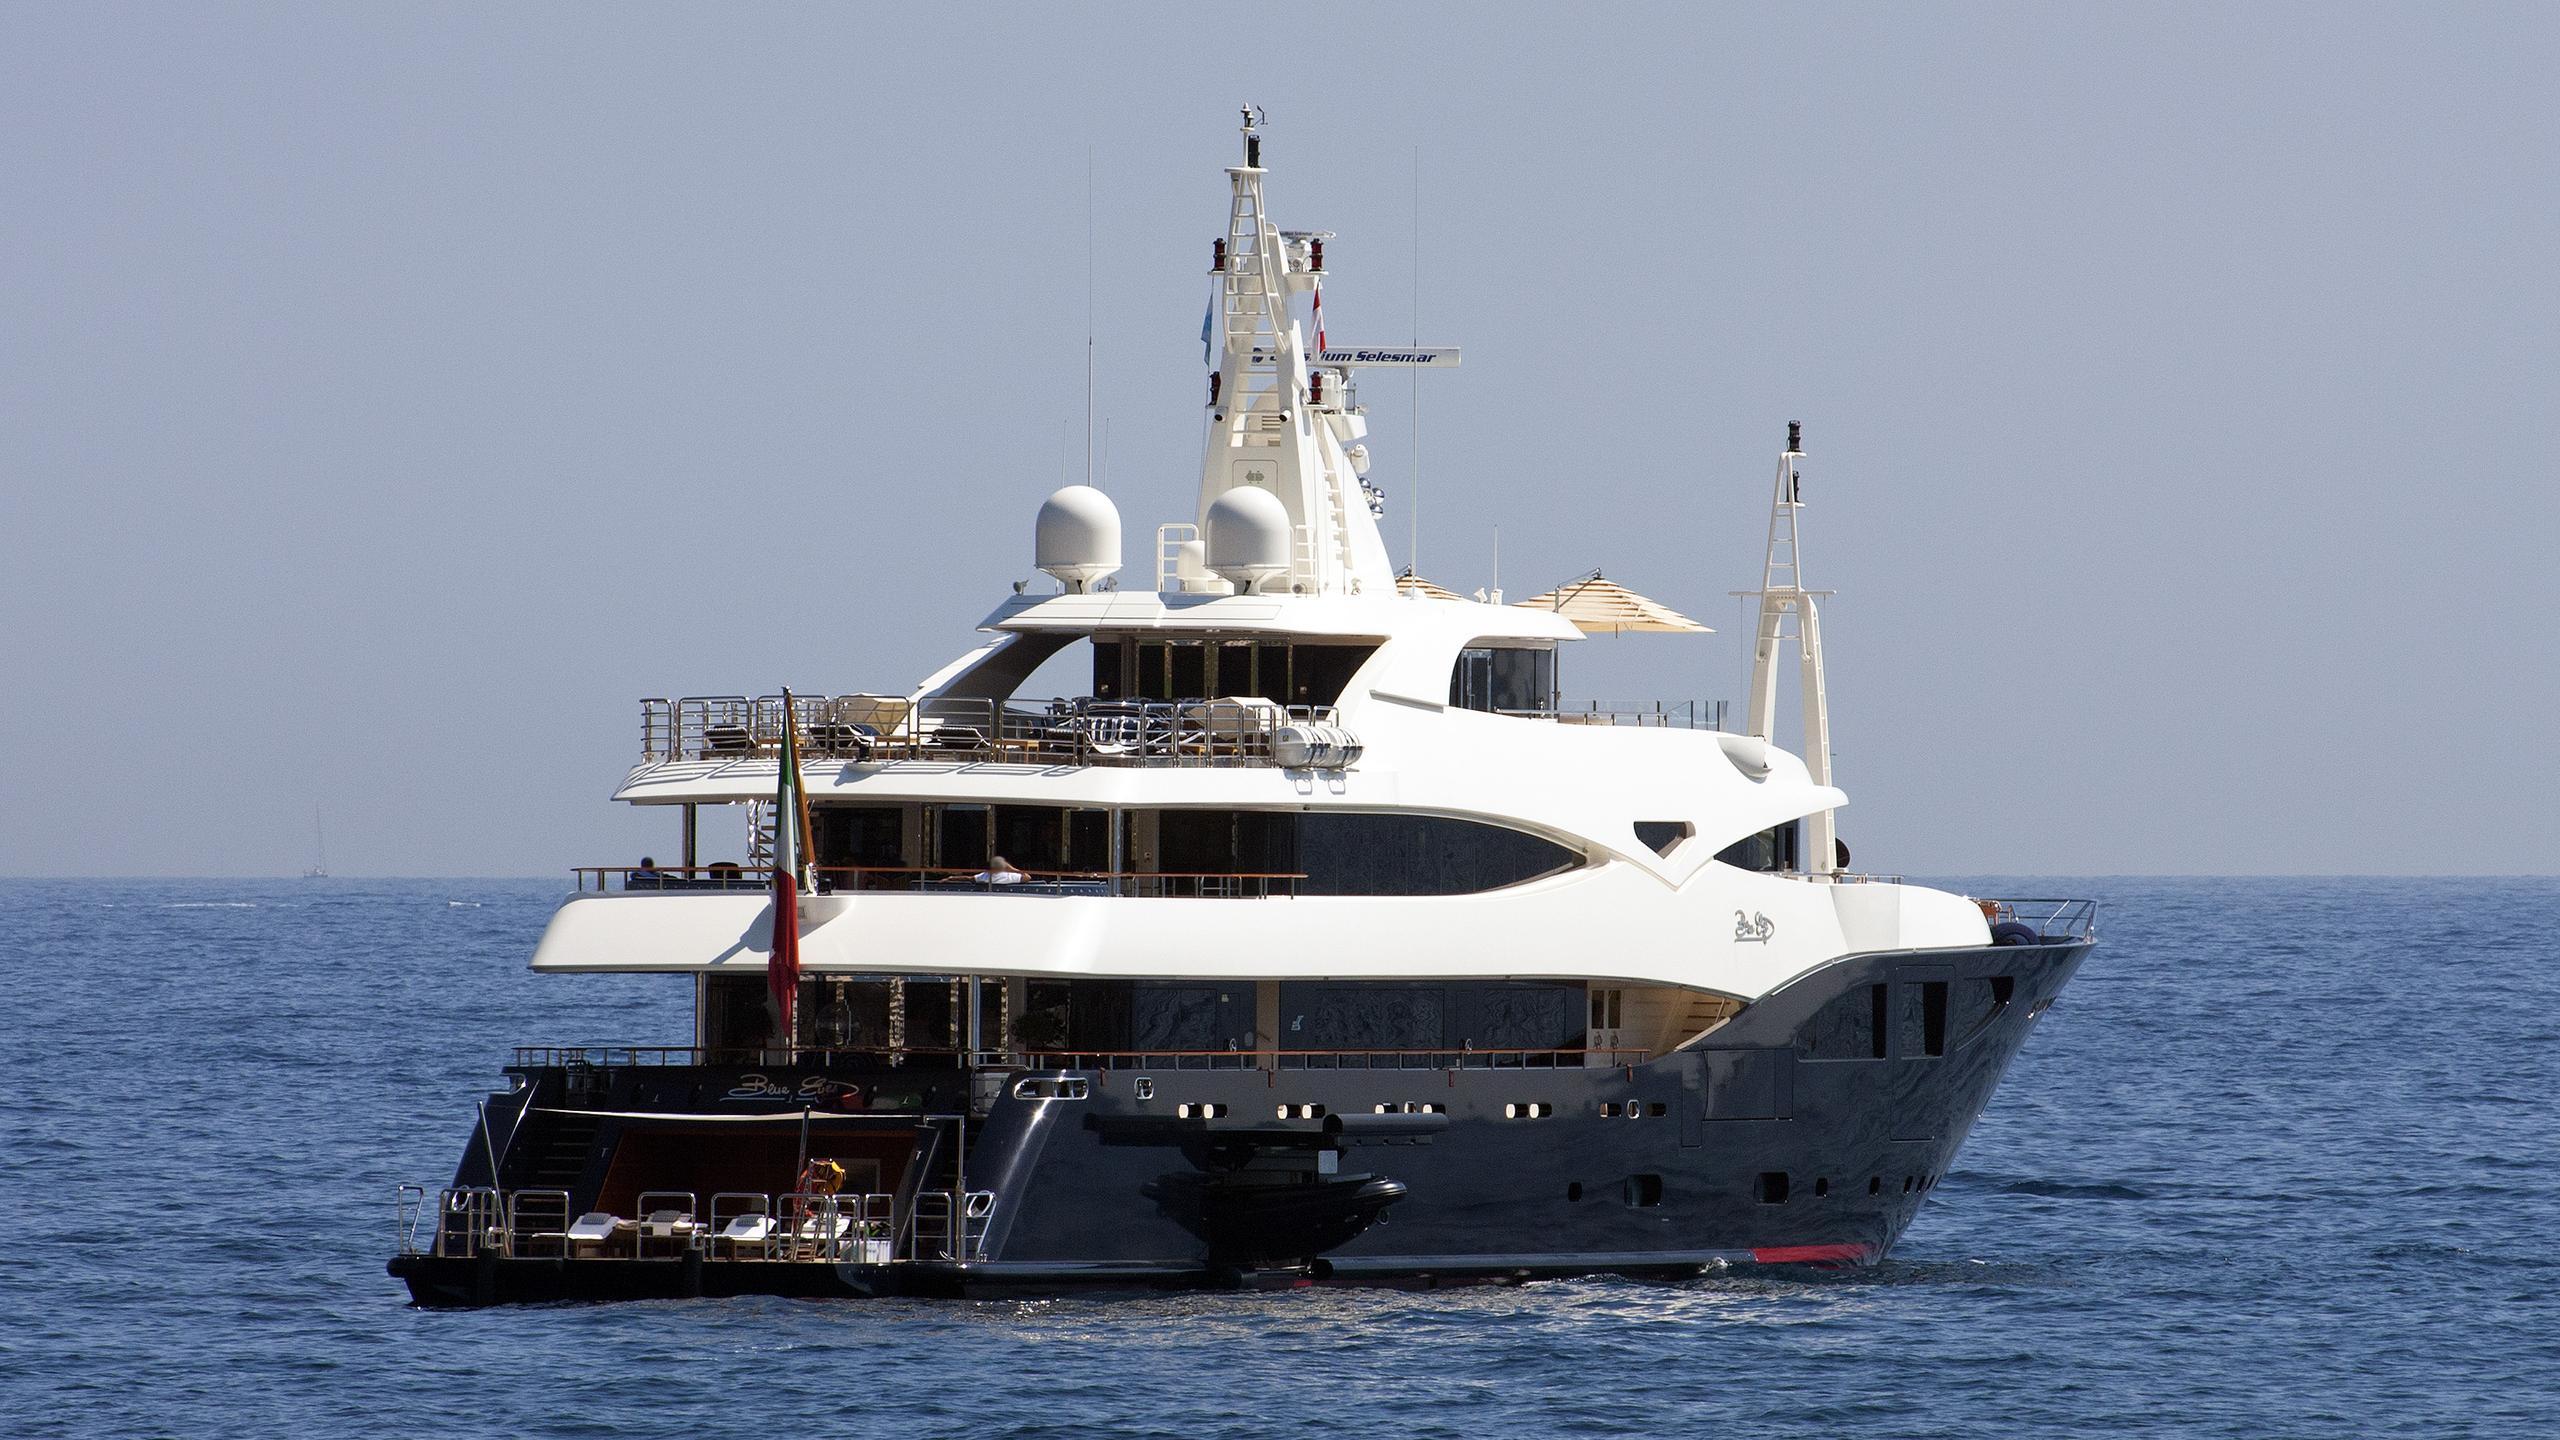 blue-eyes-motor-yacht-crn-2009-60m-stern